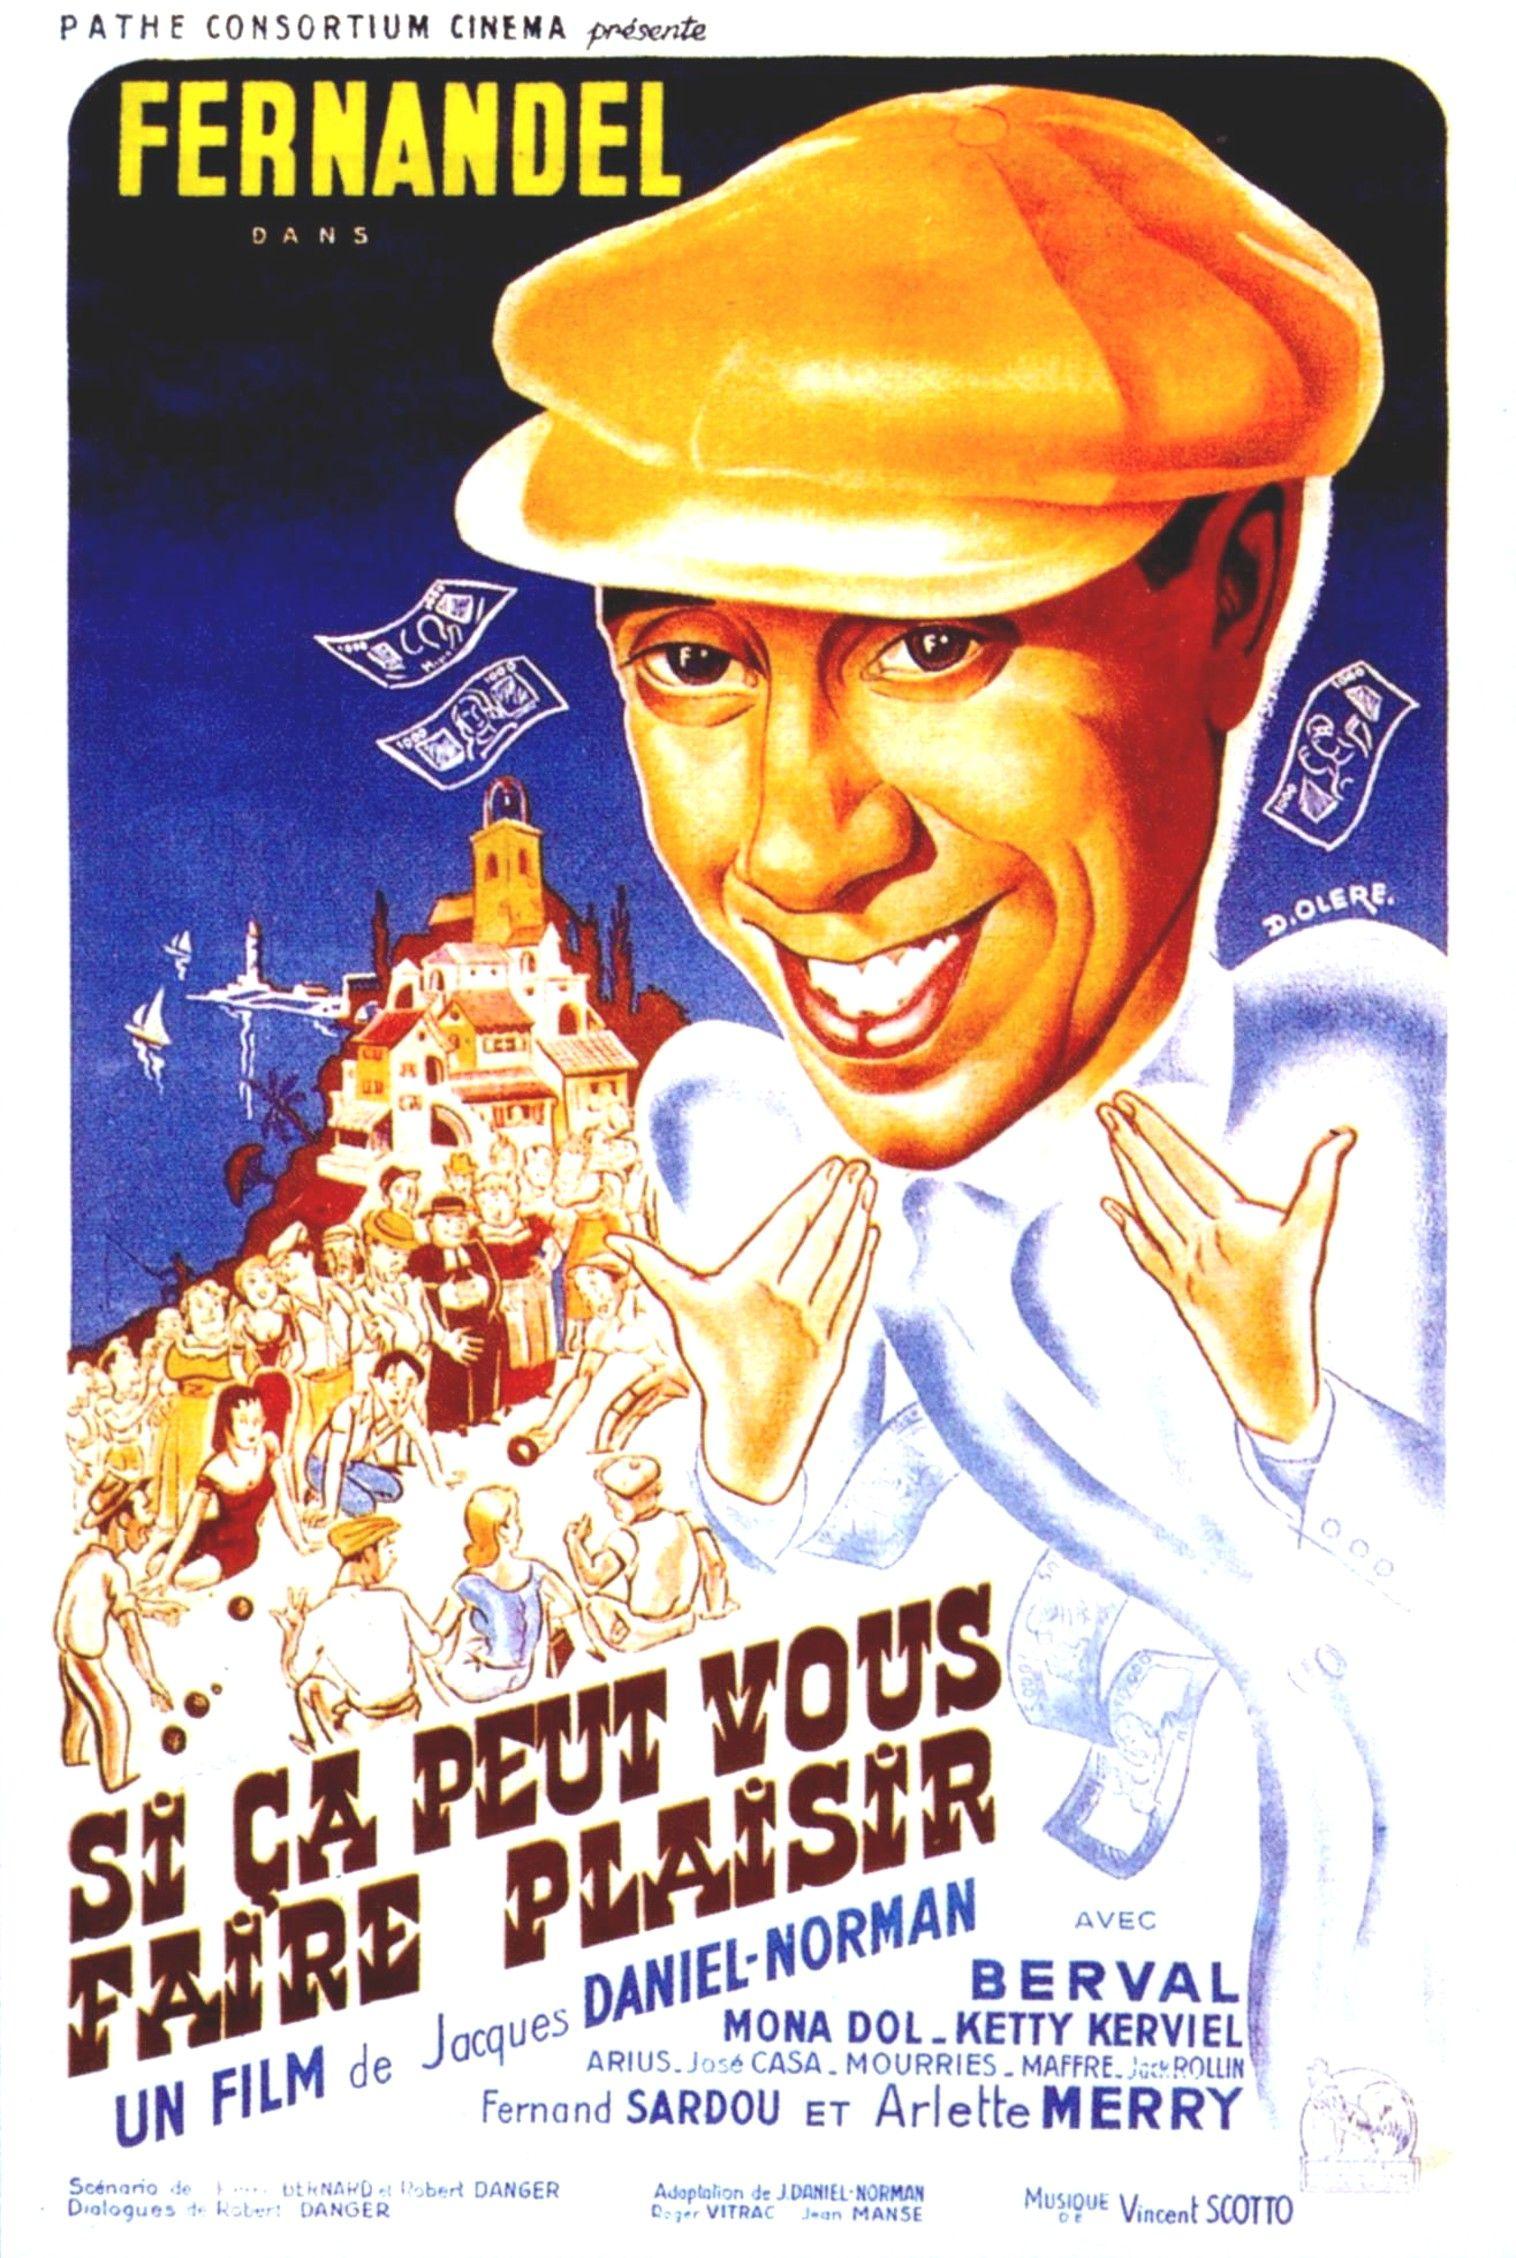 Les Vieux De La Vieille 1fichier : vieux, vieille, 1fichier, Faire, Plaisir, Vieux, Films,, Français,, Affiche, Cinéma